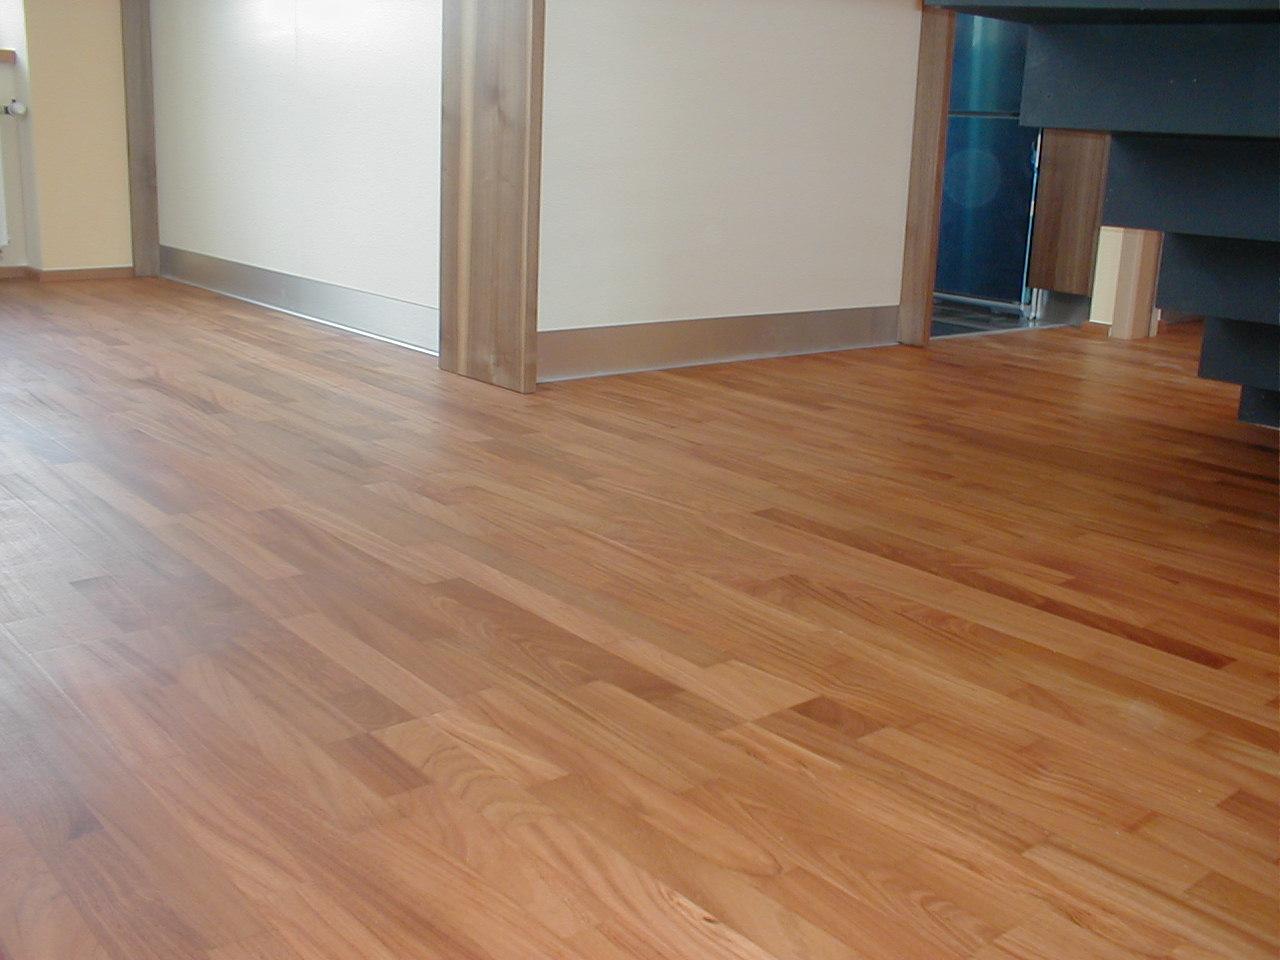 Dřevěné třívrstvé podlahy QUICK.STEP PARQUET z masivu s výhodnou slevou 15 %